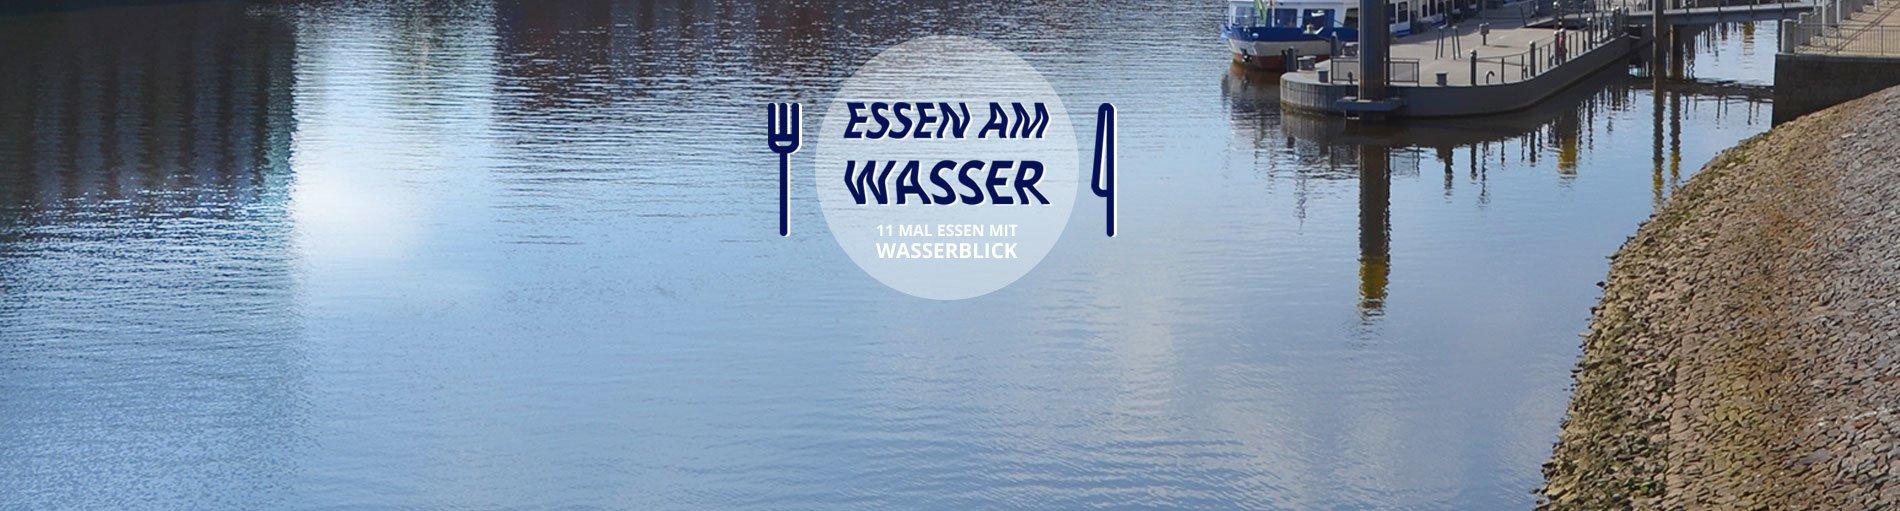 Schriftzug Essen am Wasser über einem Bild von der Weser.